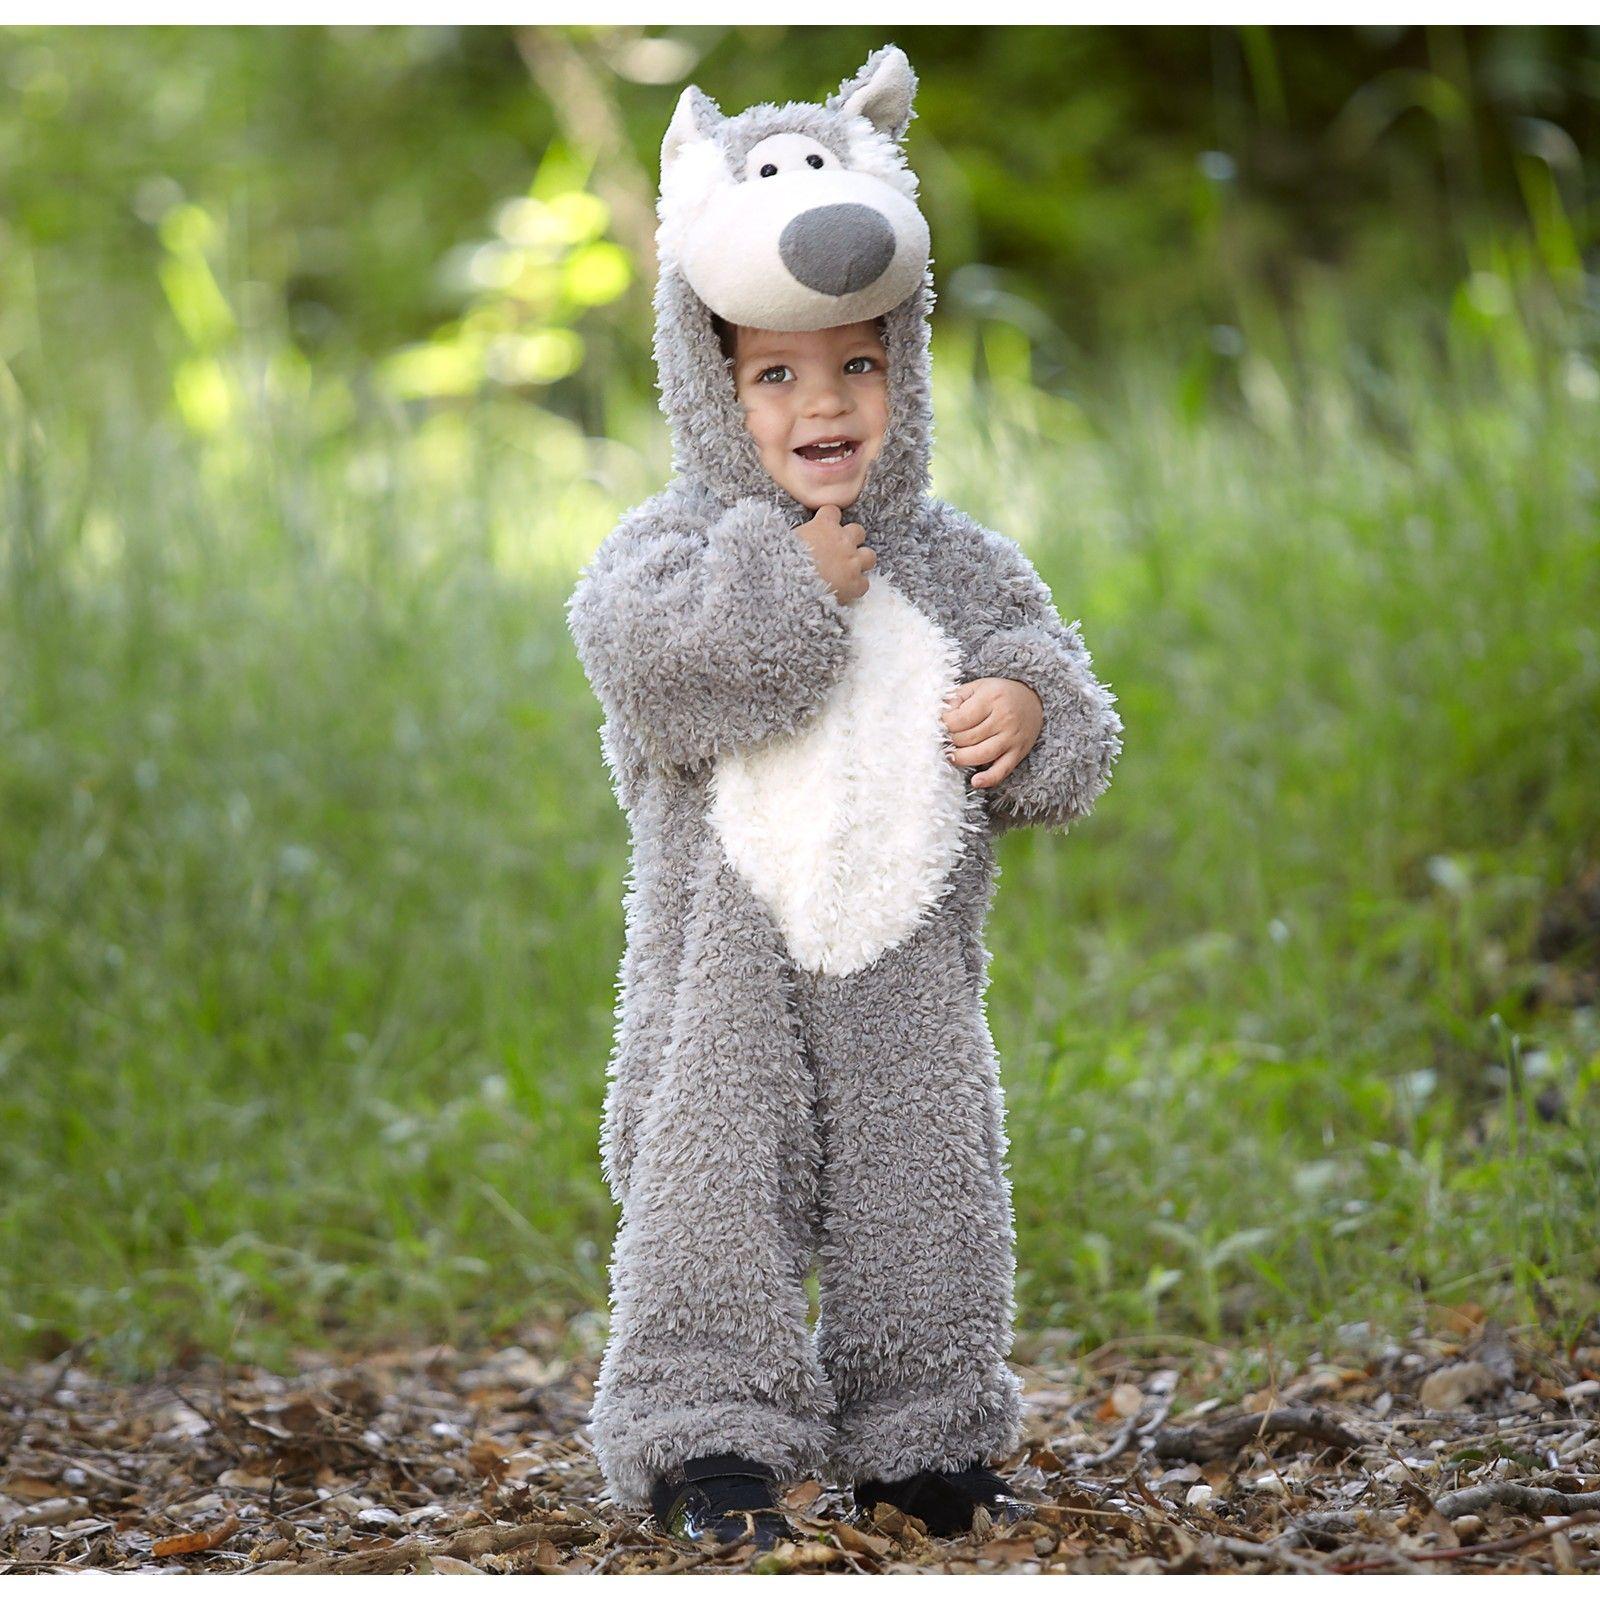 kids halloween childrens boys costumes werewolf rabid dog thriller; little wolf toddler costume holidays pinterest big bad wolf ...  sc 1 st  The Halloween - aaasne & Toddler Wolf Halloween Costume - The Halloween